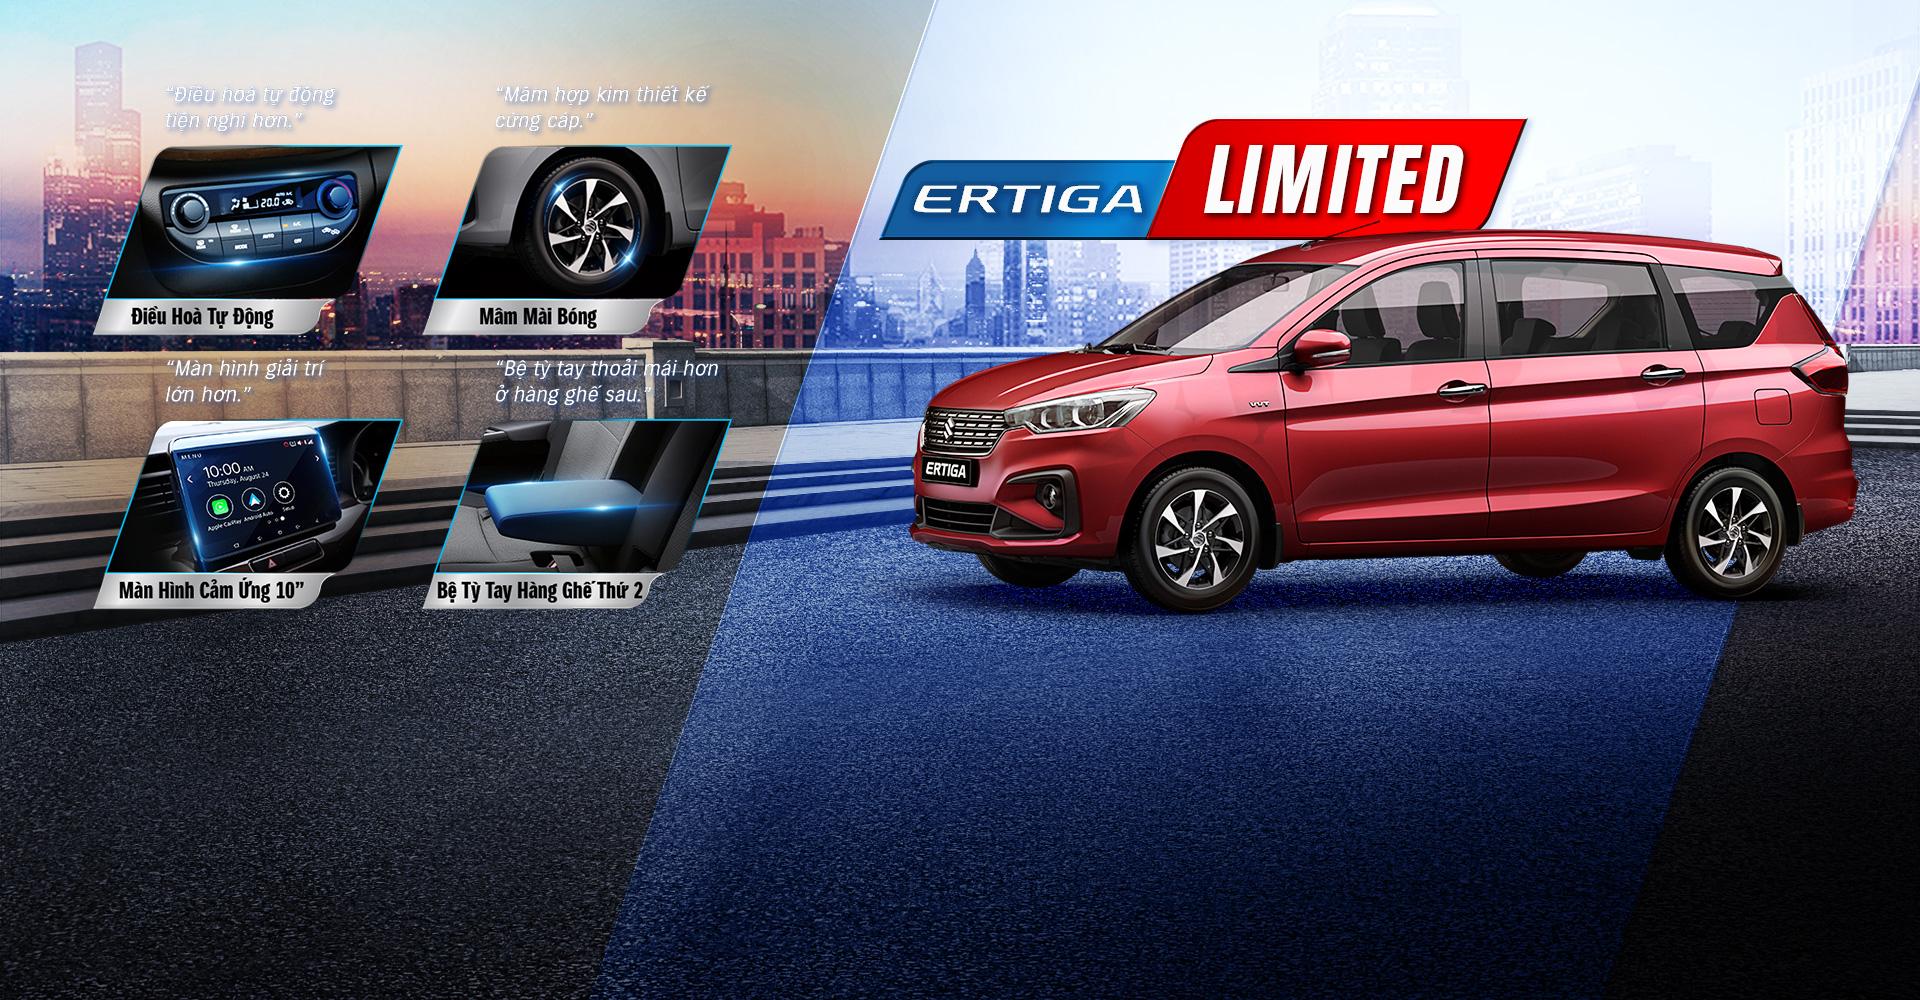 19 1 - Chi tiết xe Suzuki Ertiga Limited 2021 - nâng cấp hấp dẫn, chỉ tăng 6 triệu